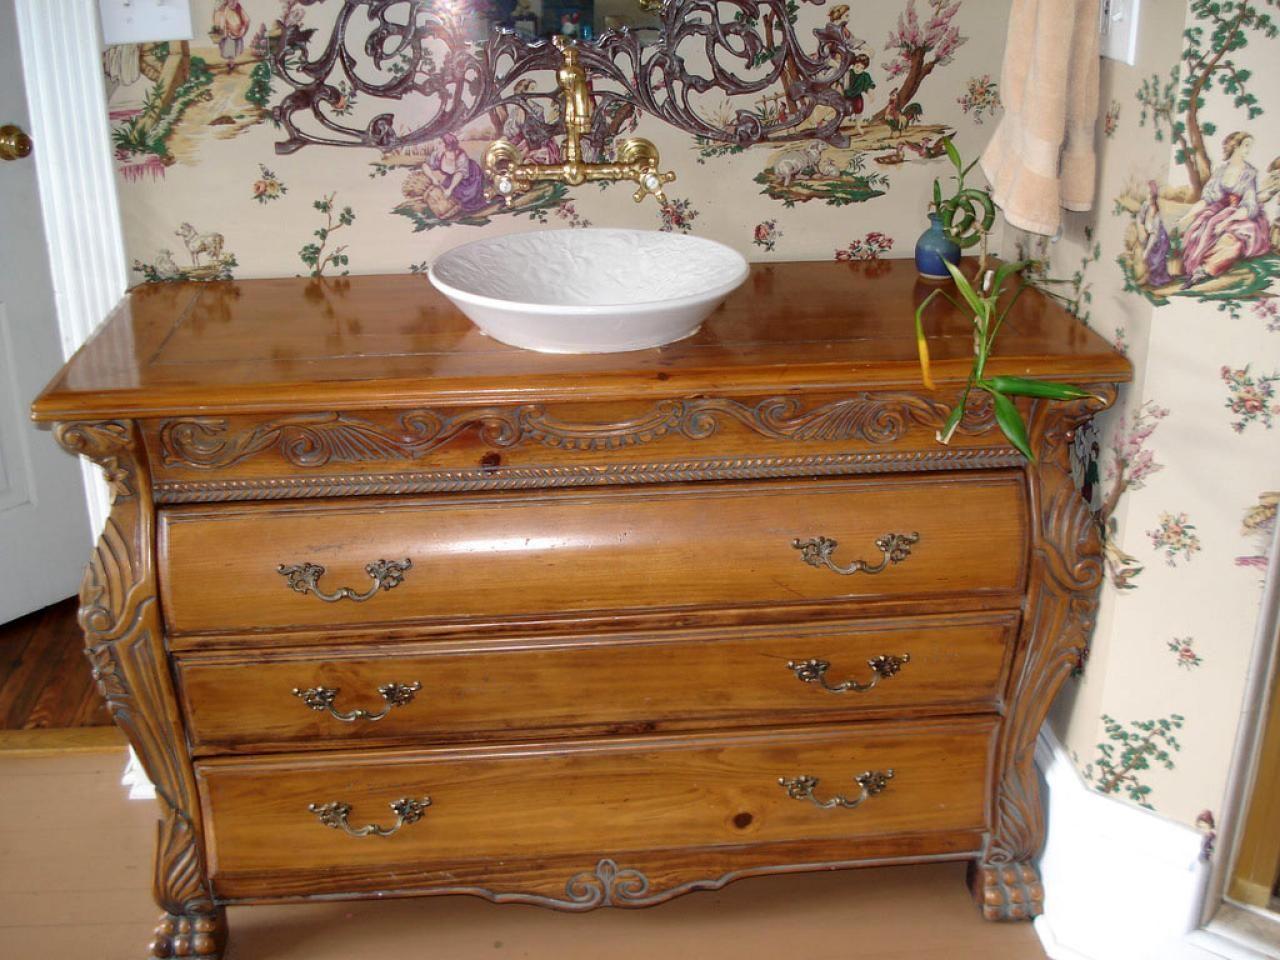 DIY Network suggests placing antique vanities and cabinets in your bathroom  to give it a truly unique look. - Imagen Relacionada Abrigos Pinterest Antique Vanity, Diy